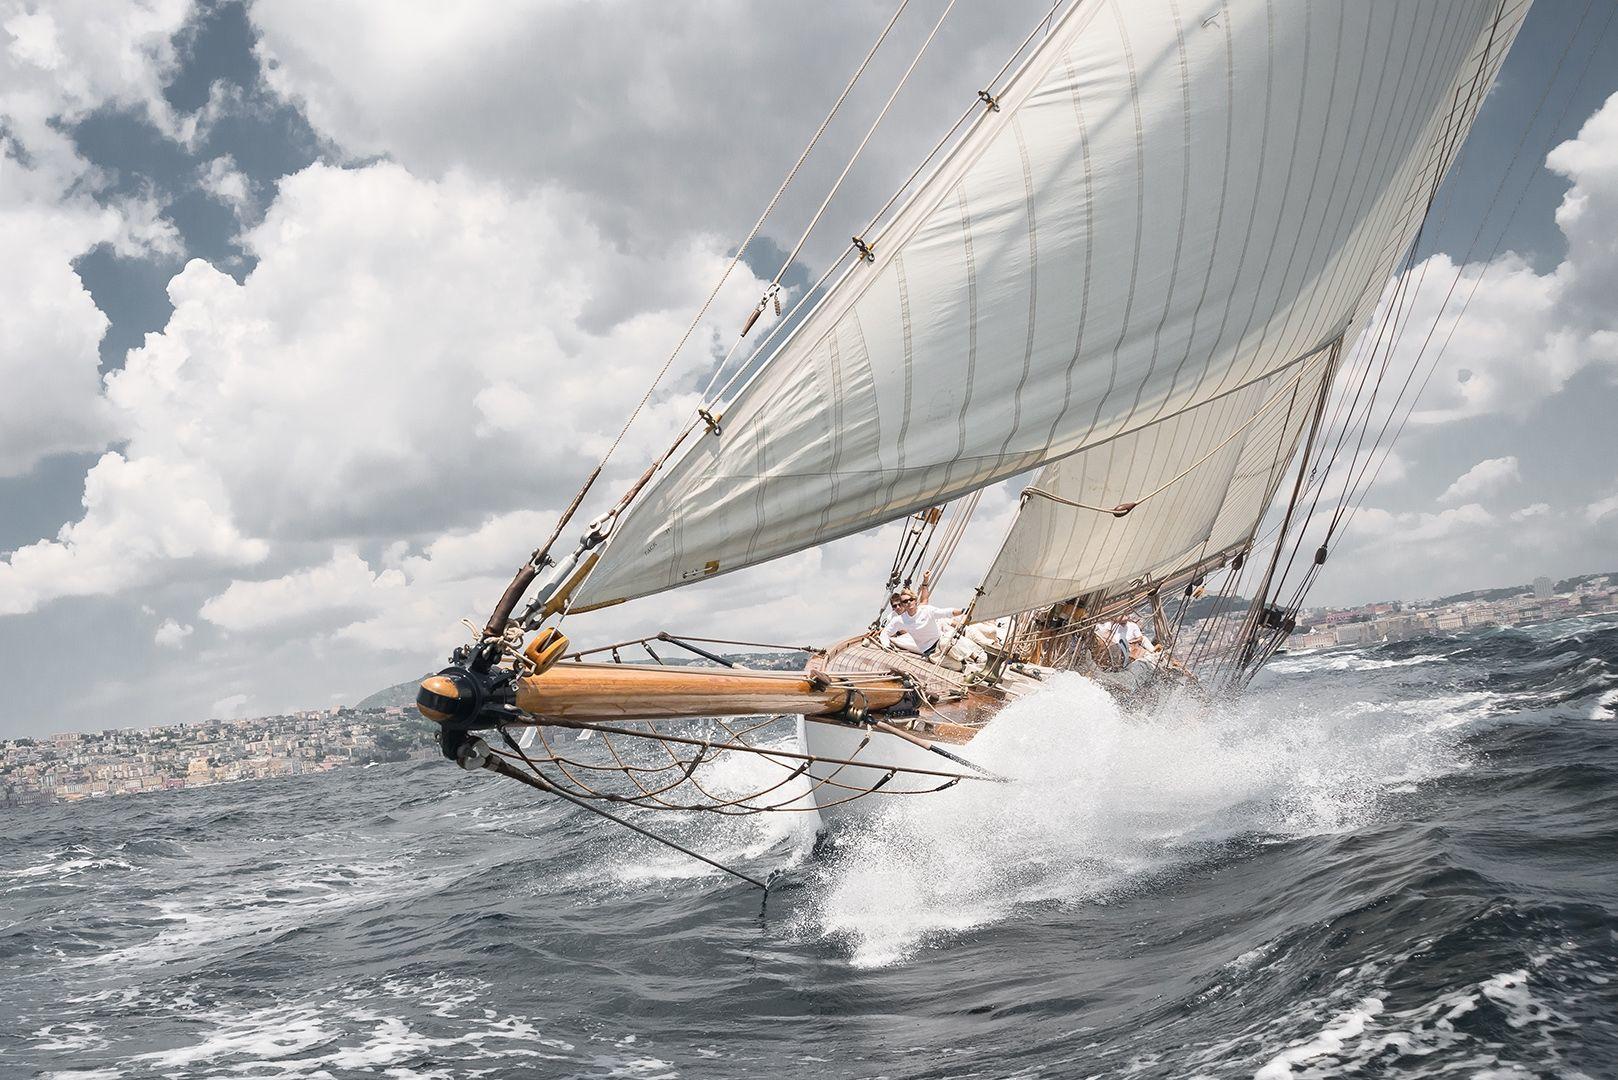 vele d epoca trofeo panerai bolina vela di angelo florio fotografo pubblicitario sailing race napoli roma